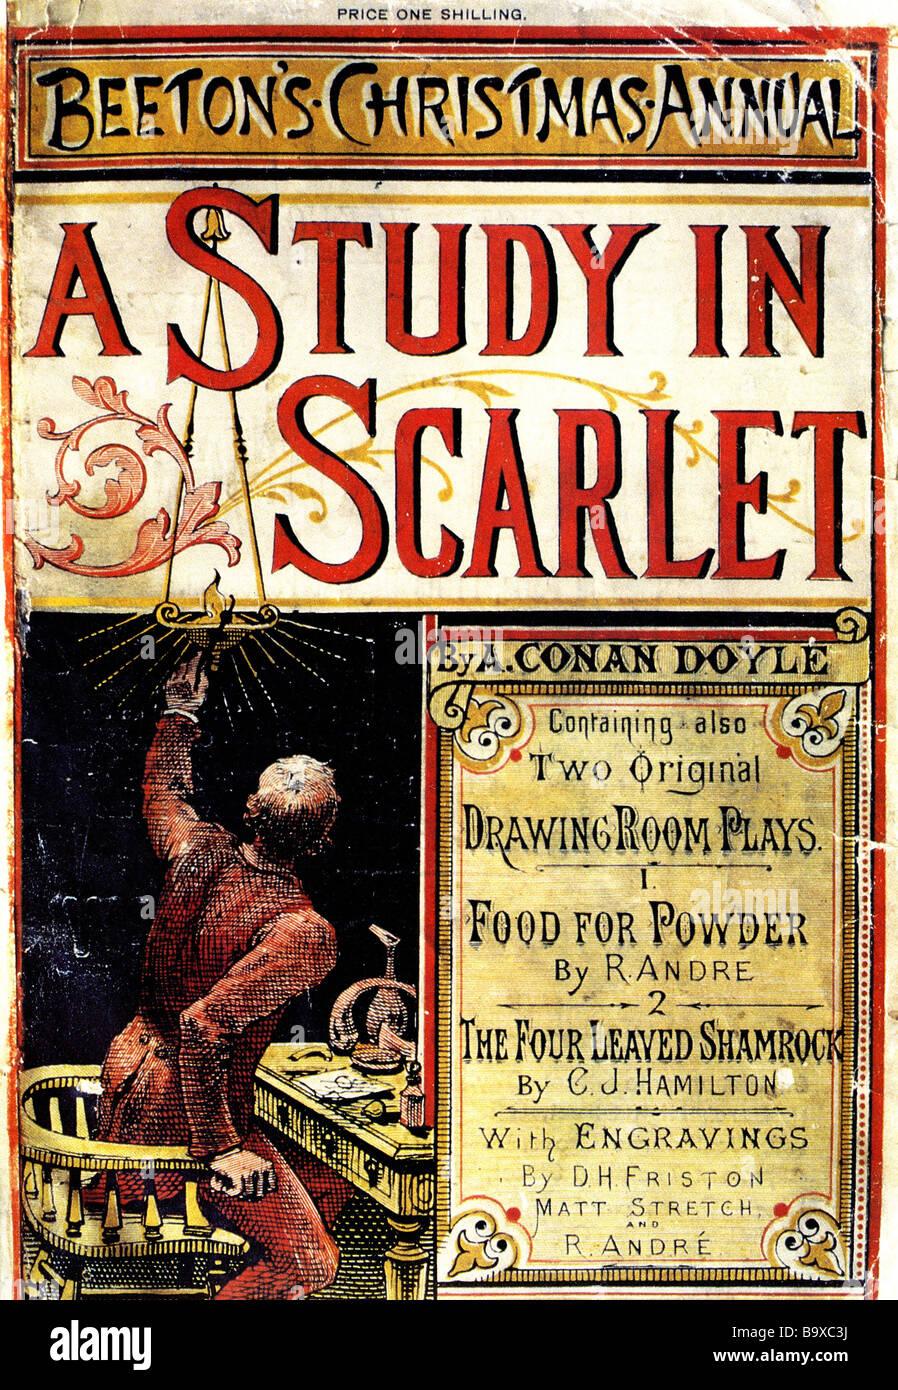 SHERLOCK HOLMES A STUDY IN SCARLET - das erste Magazin-Cover wurde ...